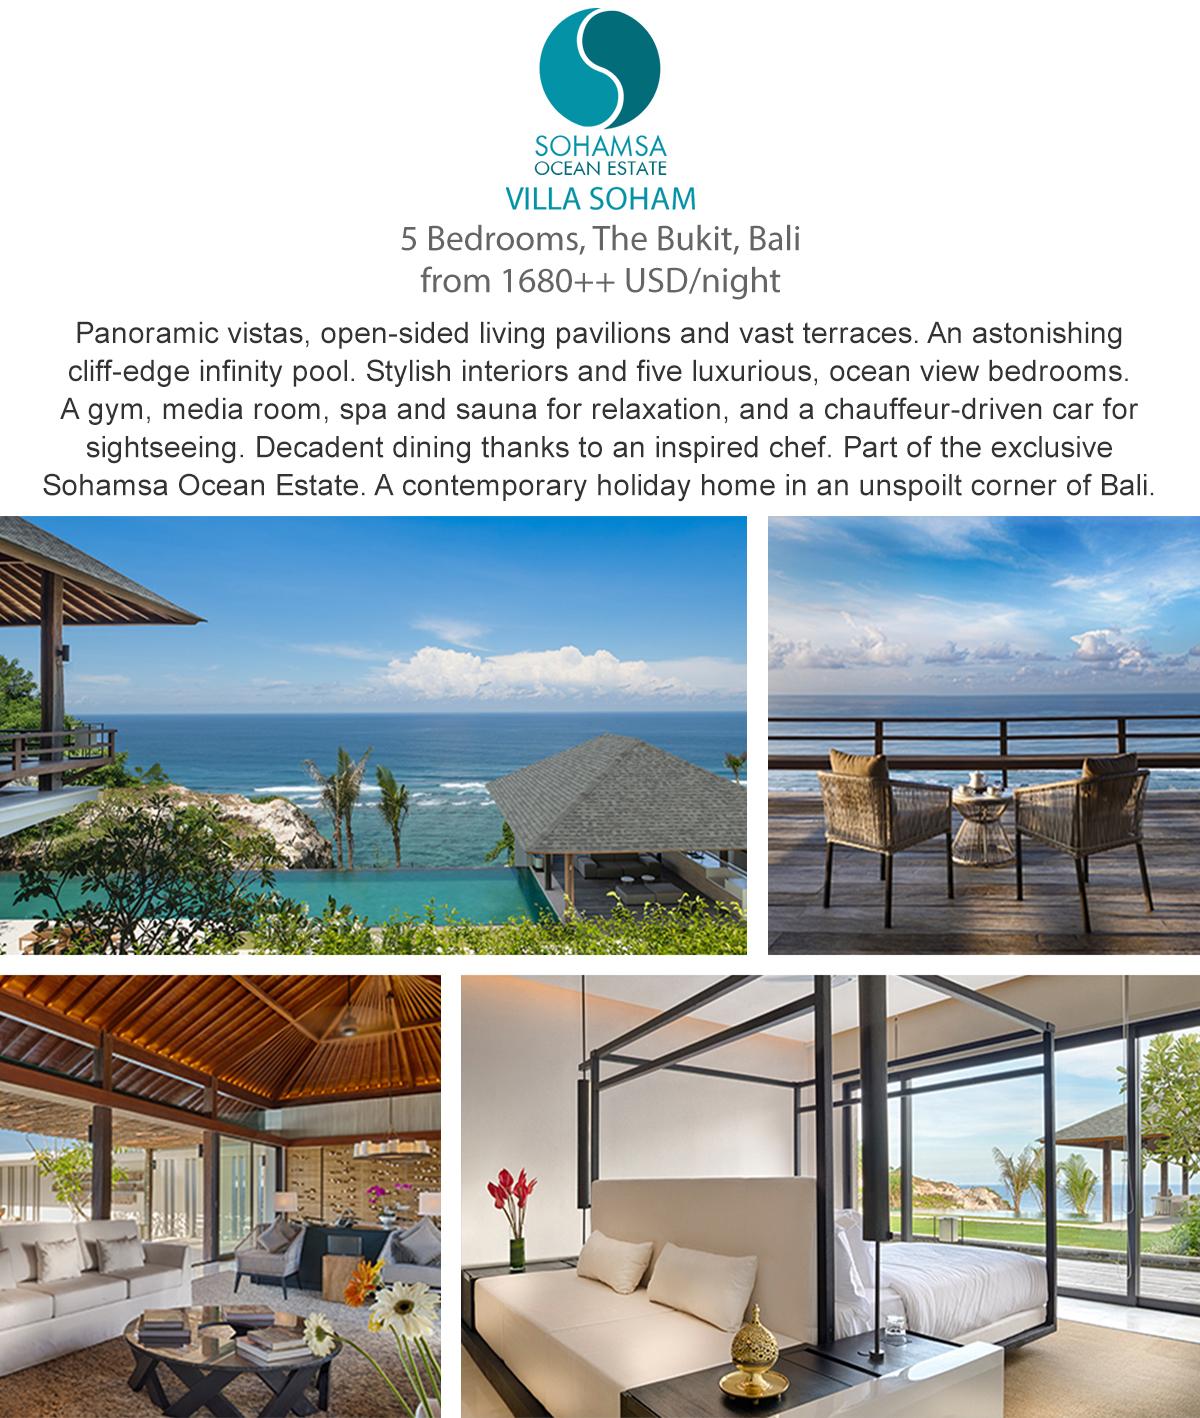 Villa Soham- The Bukit, Bali